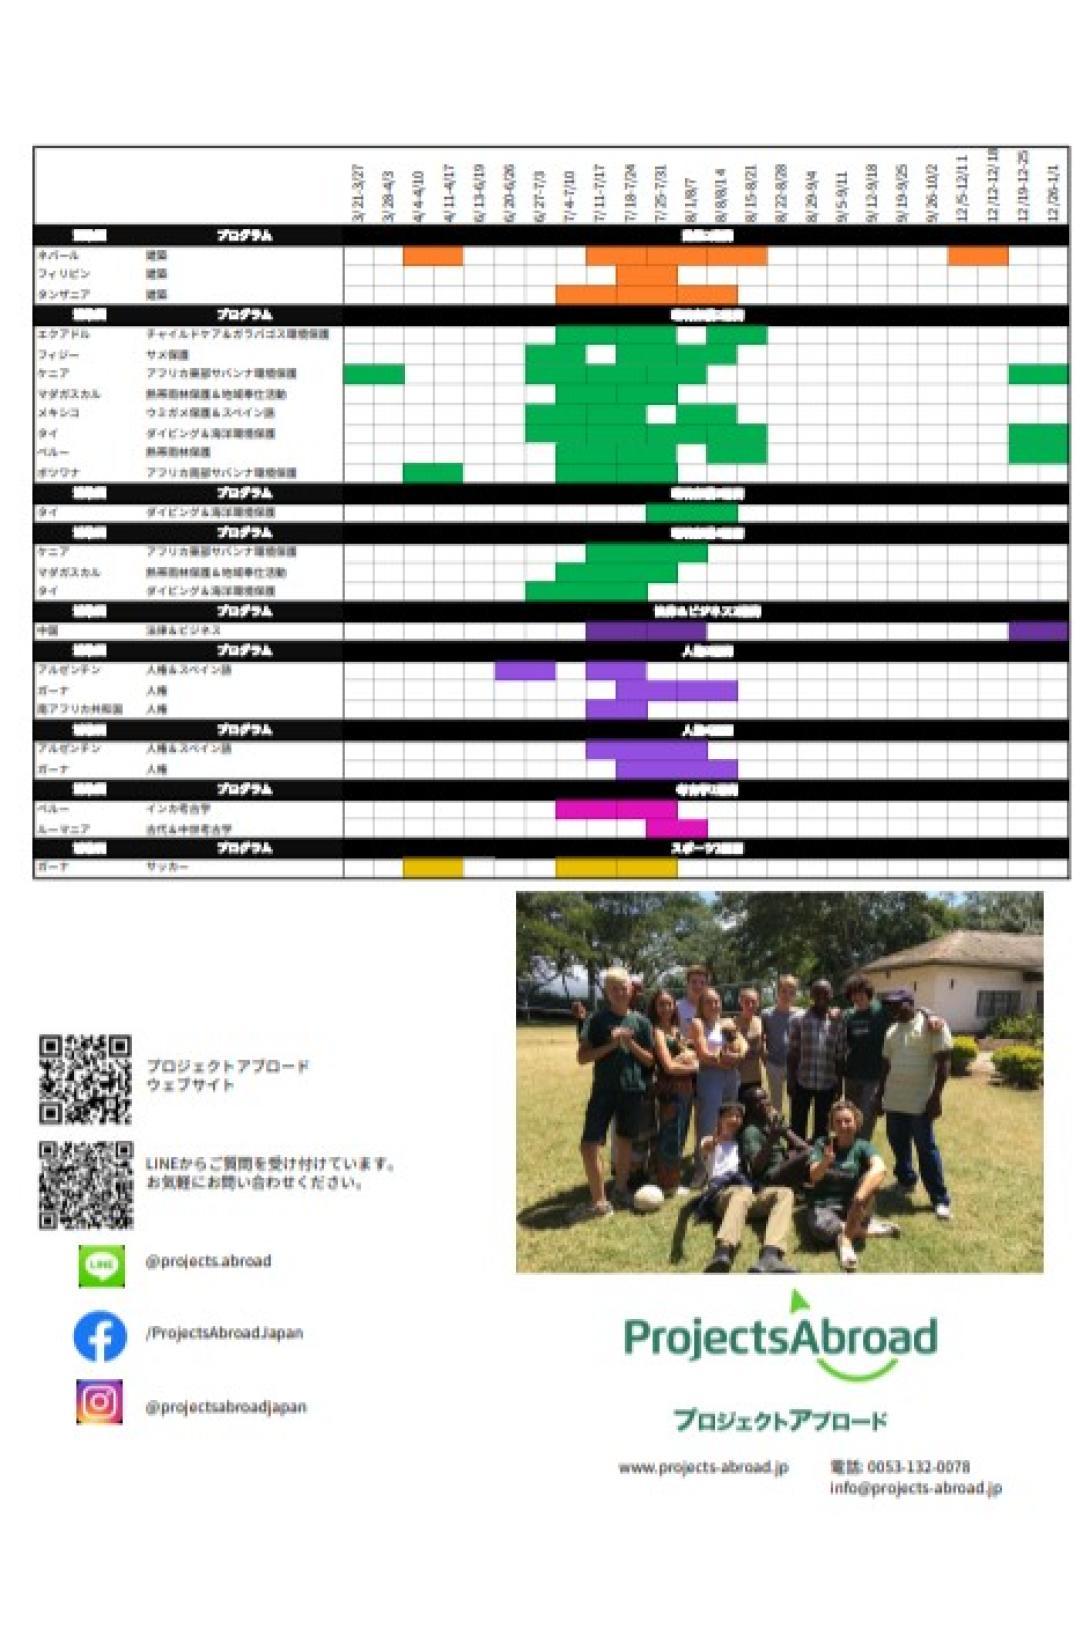 高校生スペシャル 日程表